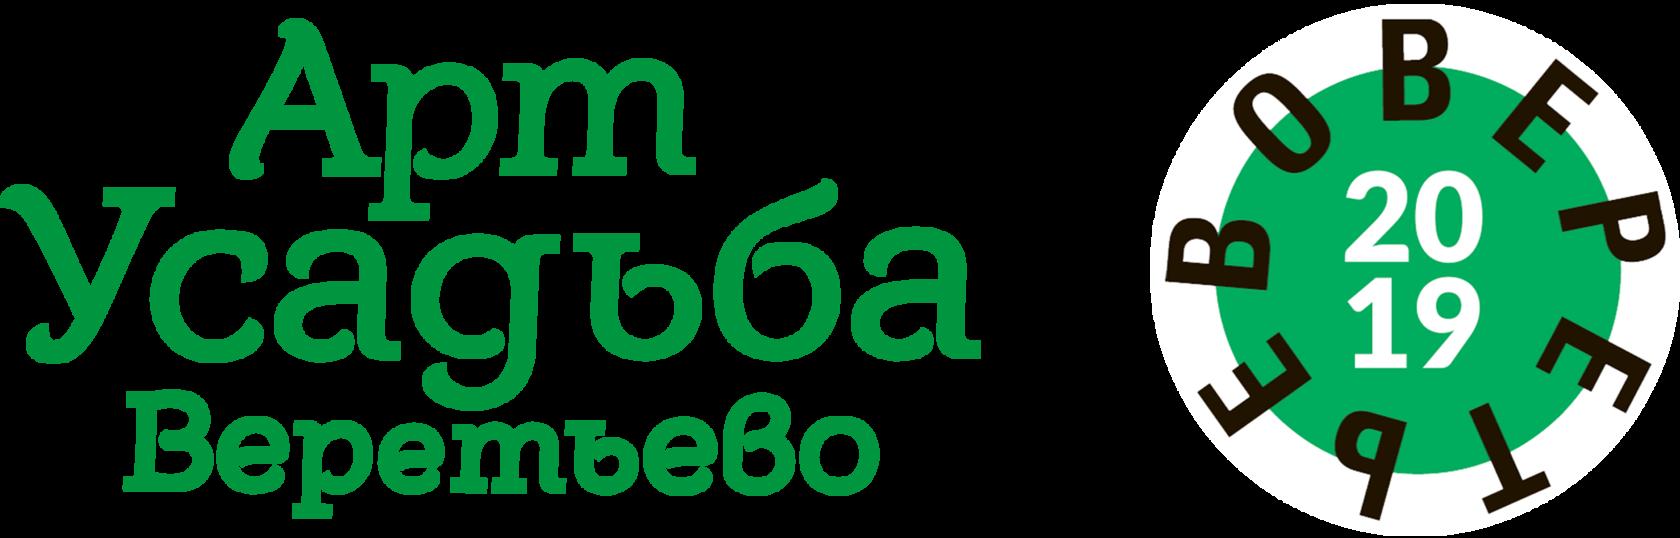 АРТ-УСАДЬБА ВЕРЕТЬЕВО